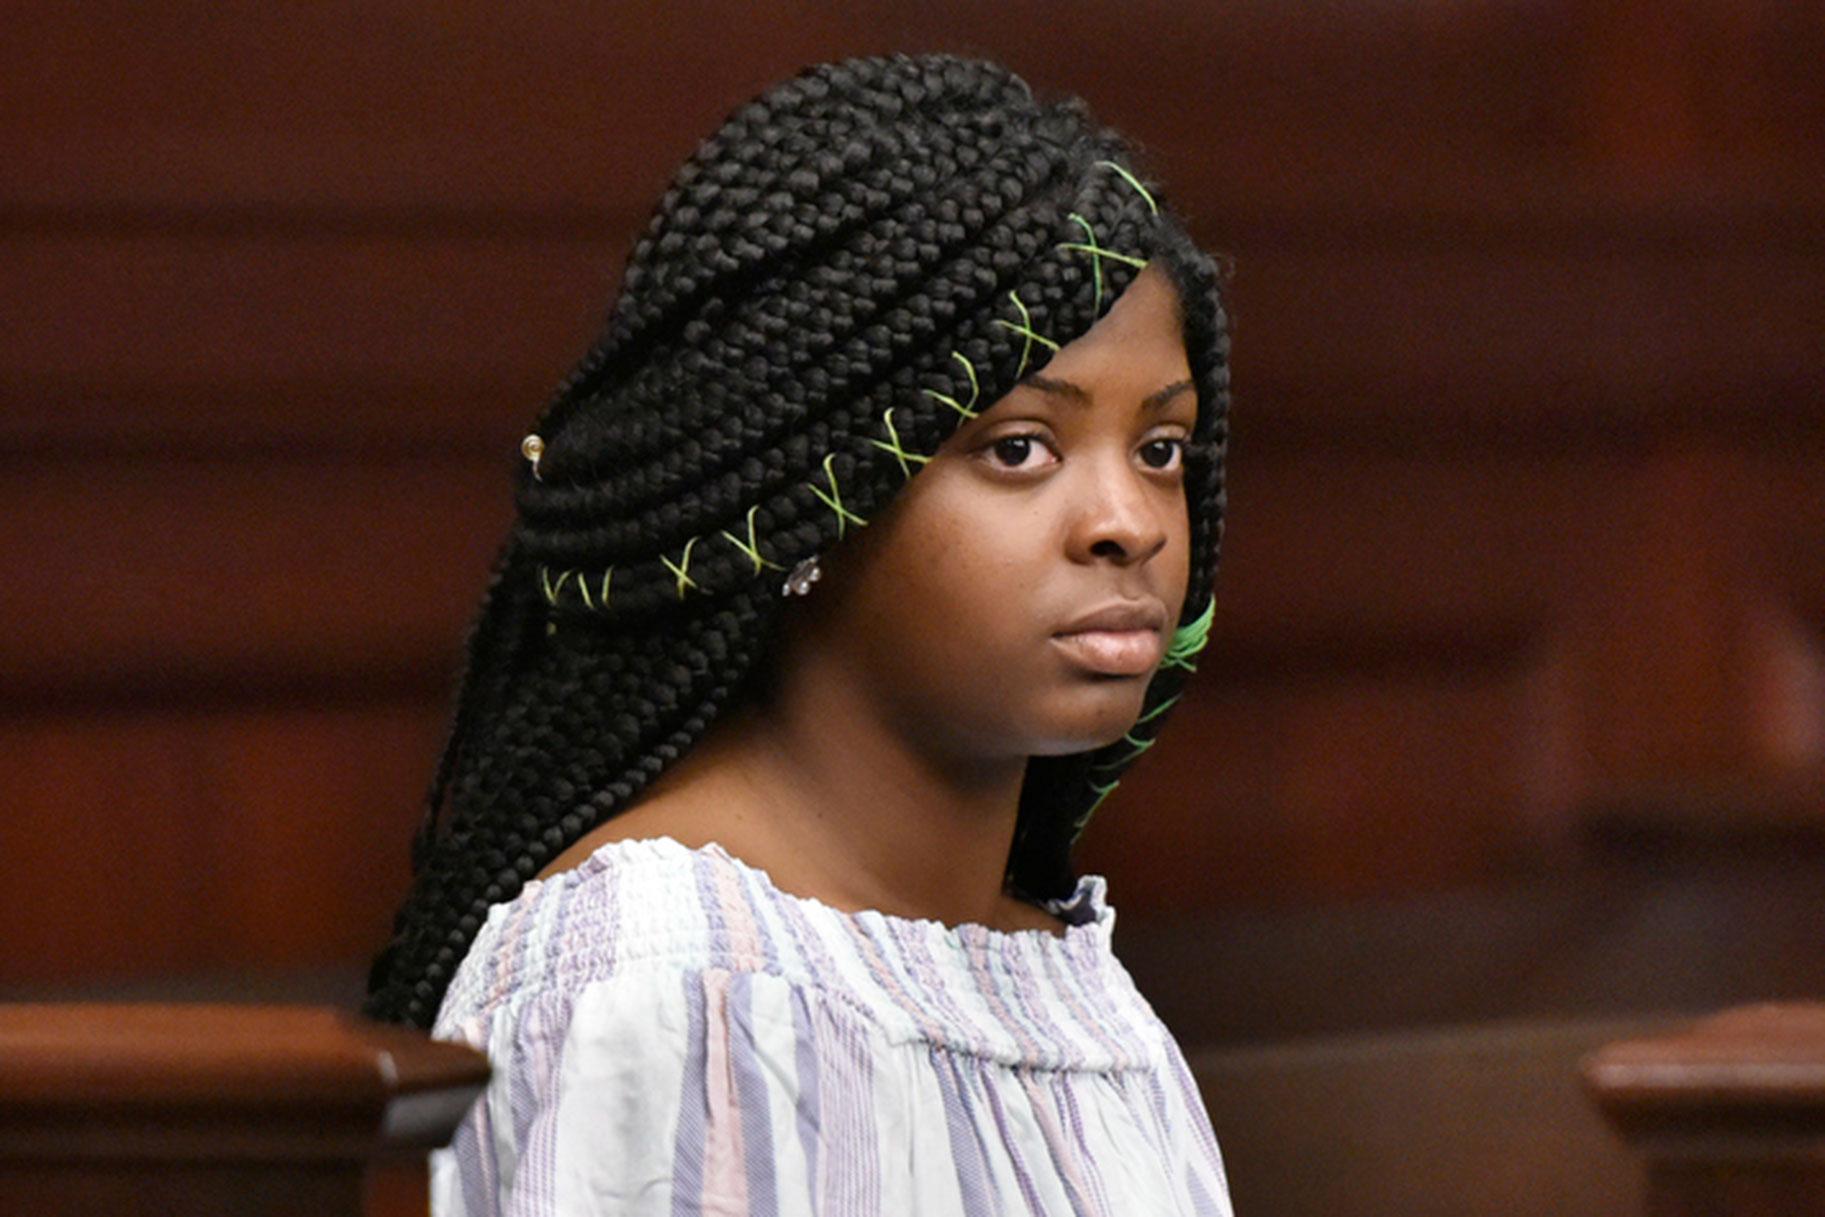 ¿Qué le sucedió a Kamiyah Mobley, quien fue secuestrado cuando era niño?